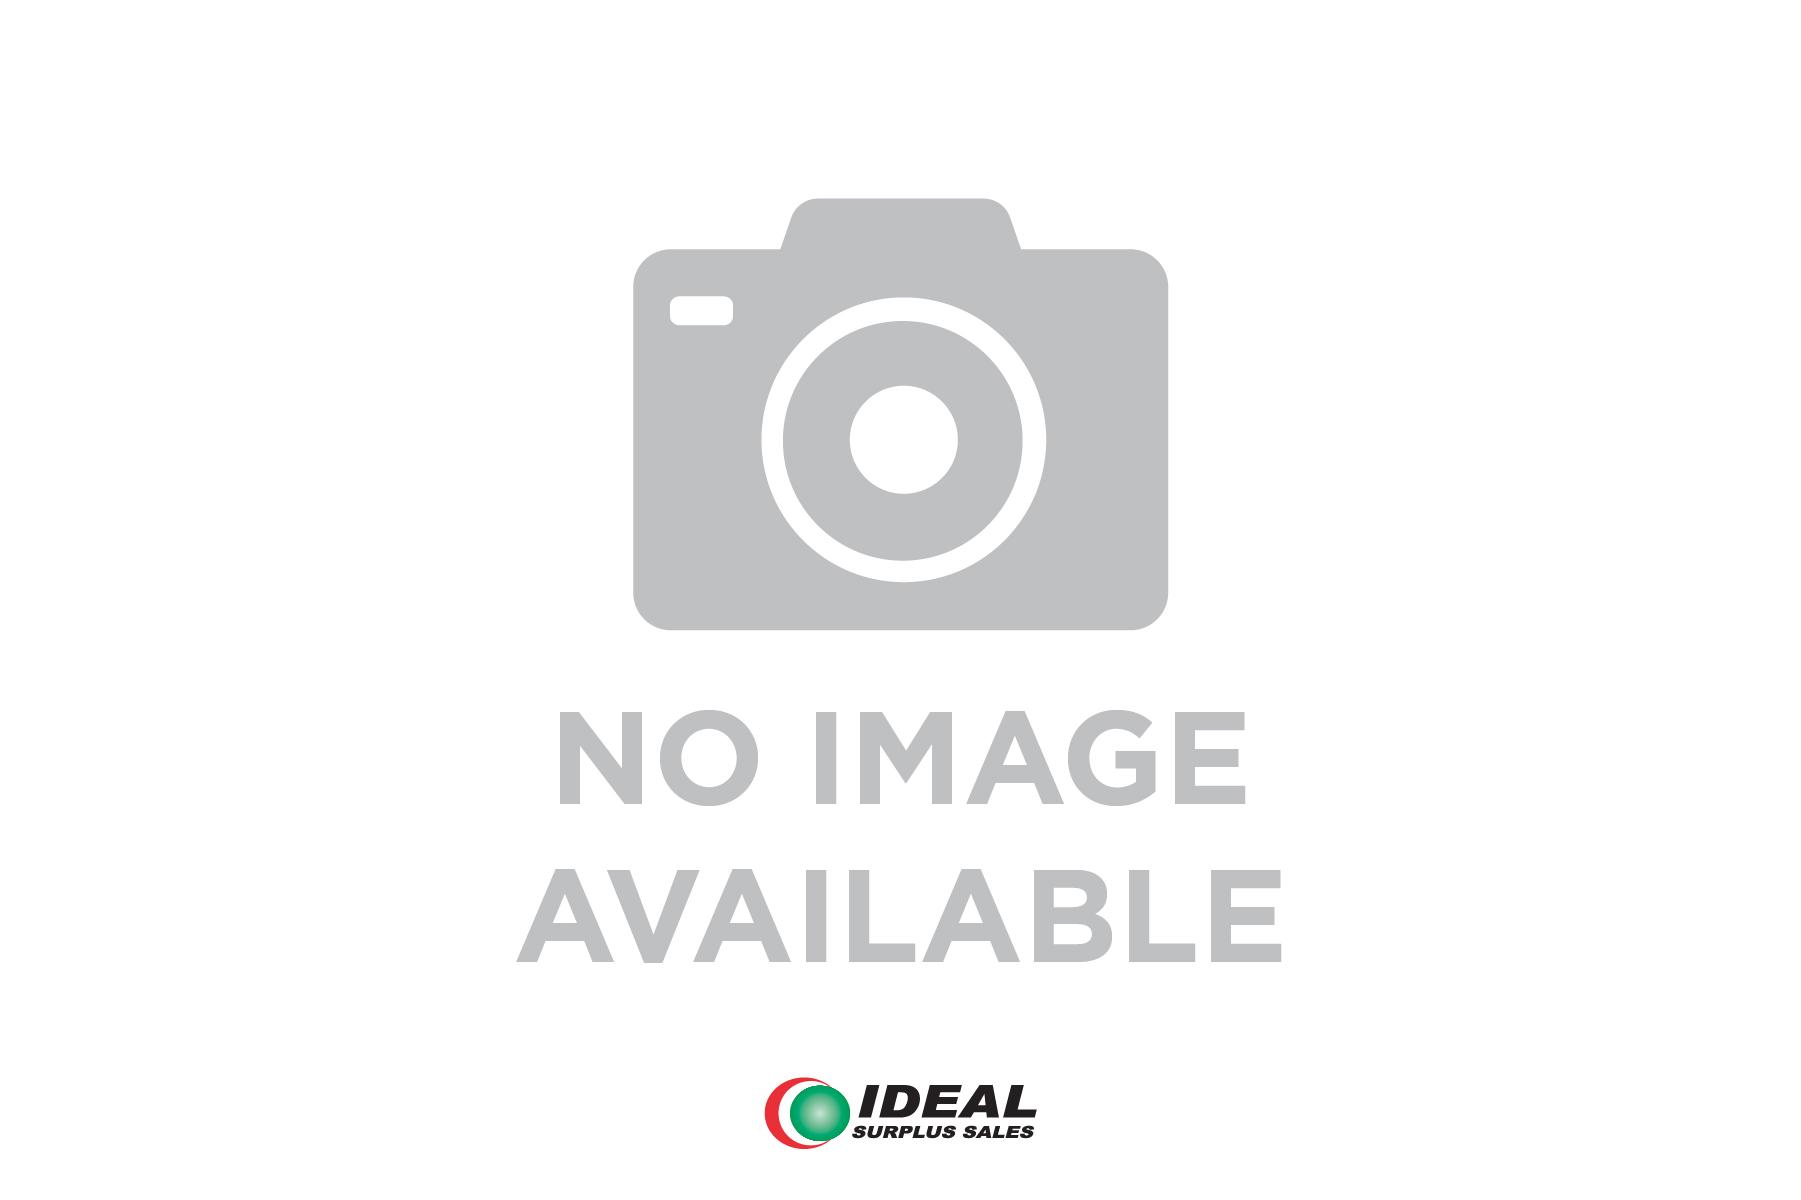 DODGE  TIGEAR SH20Q07LR56 REDUCER NEW